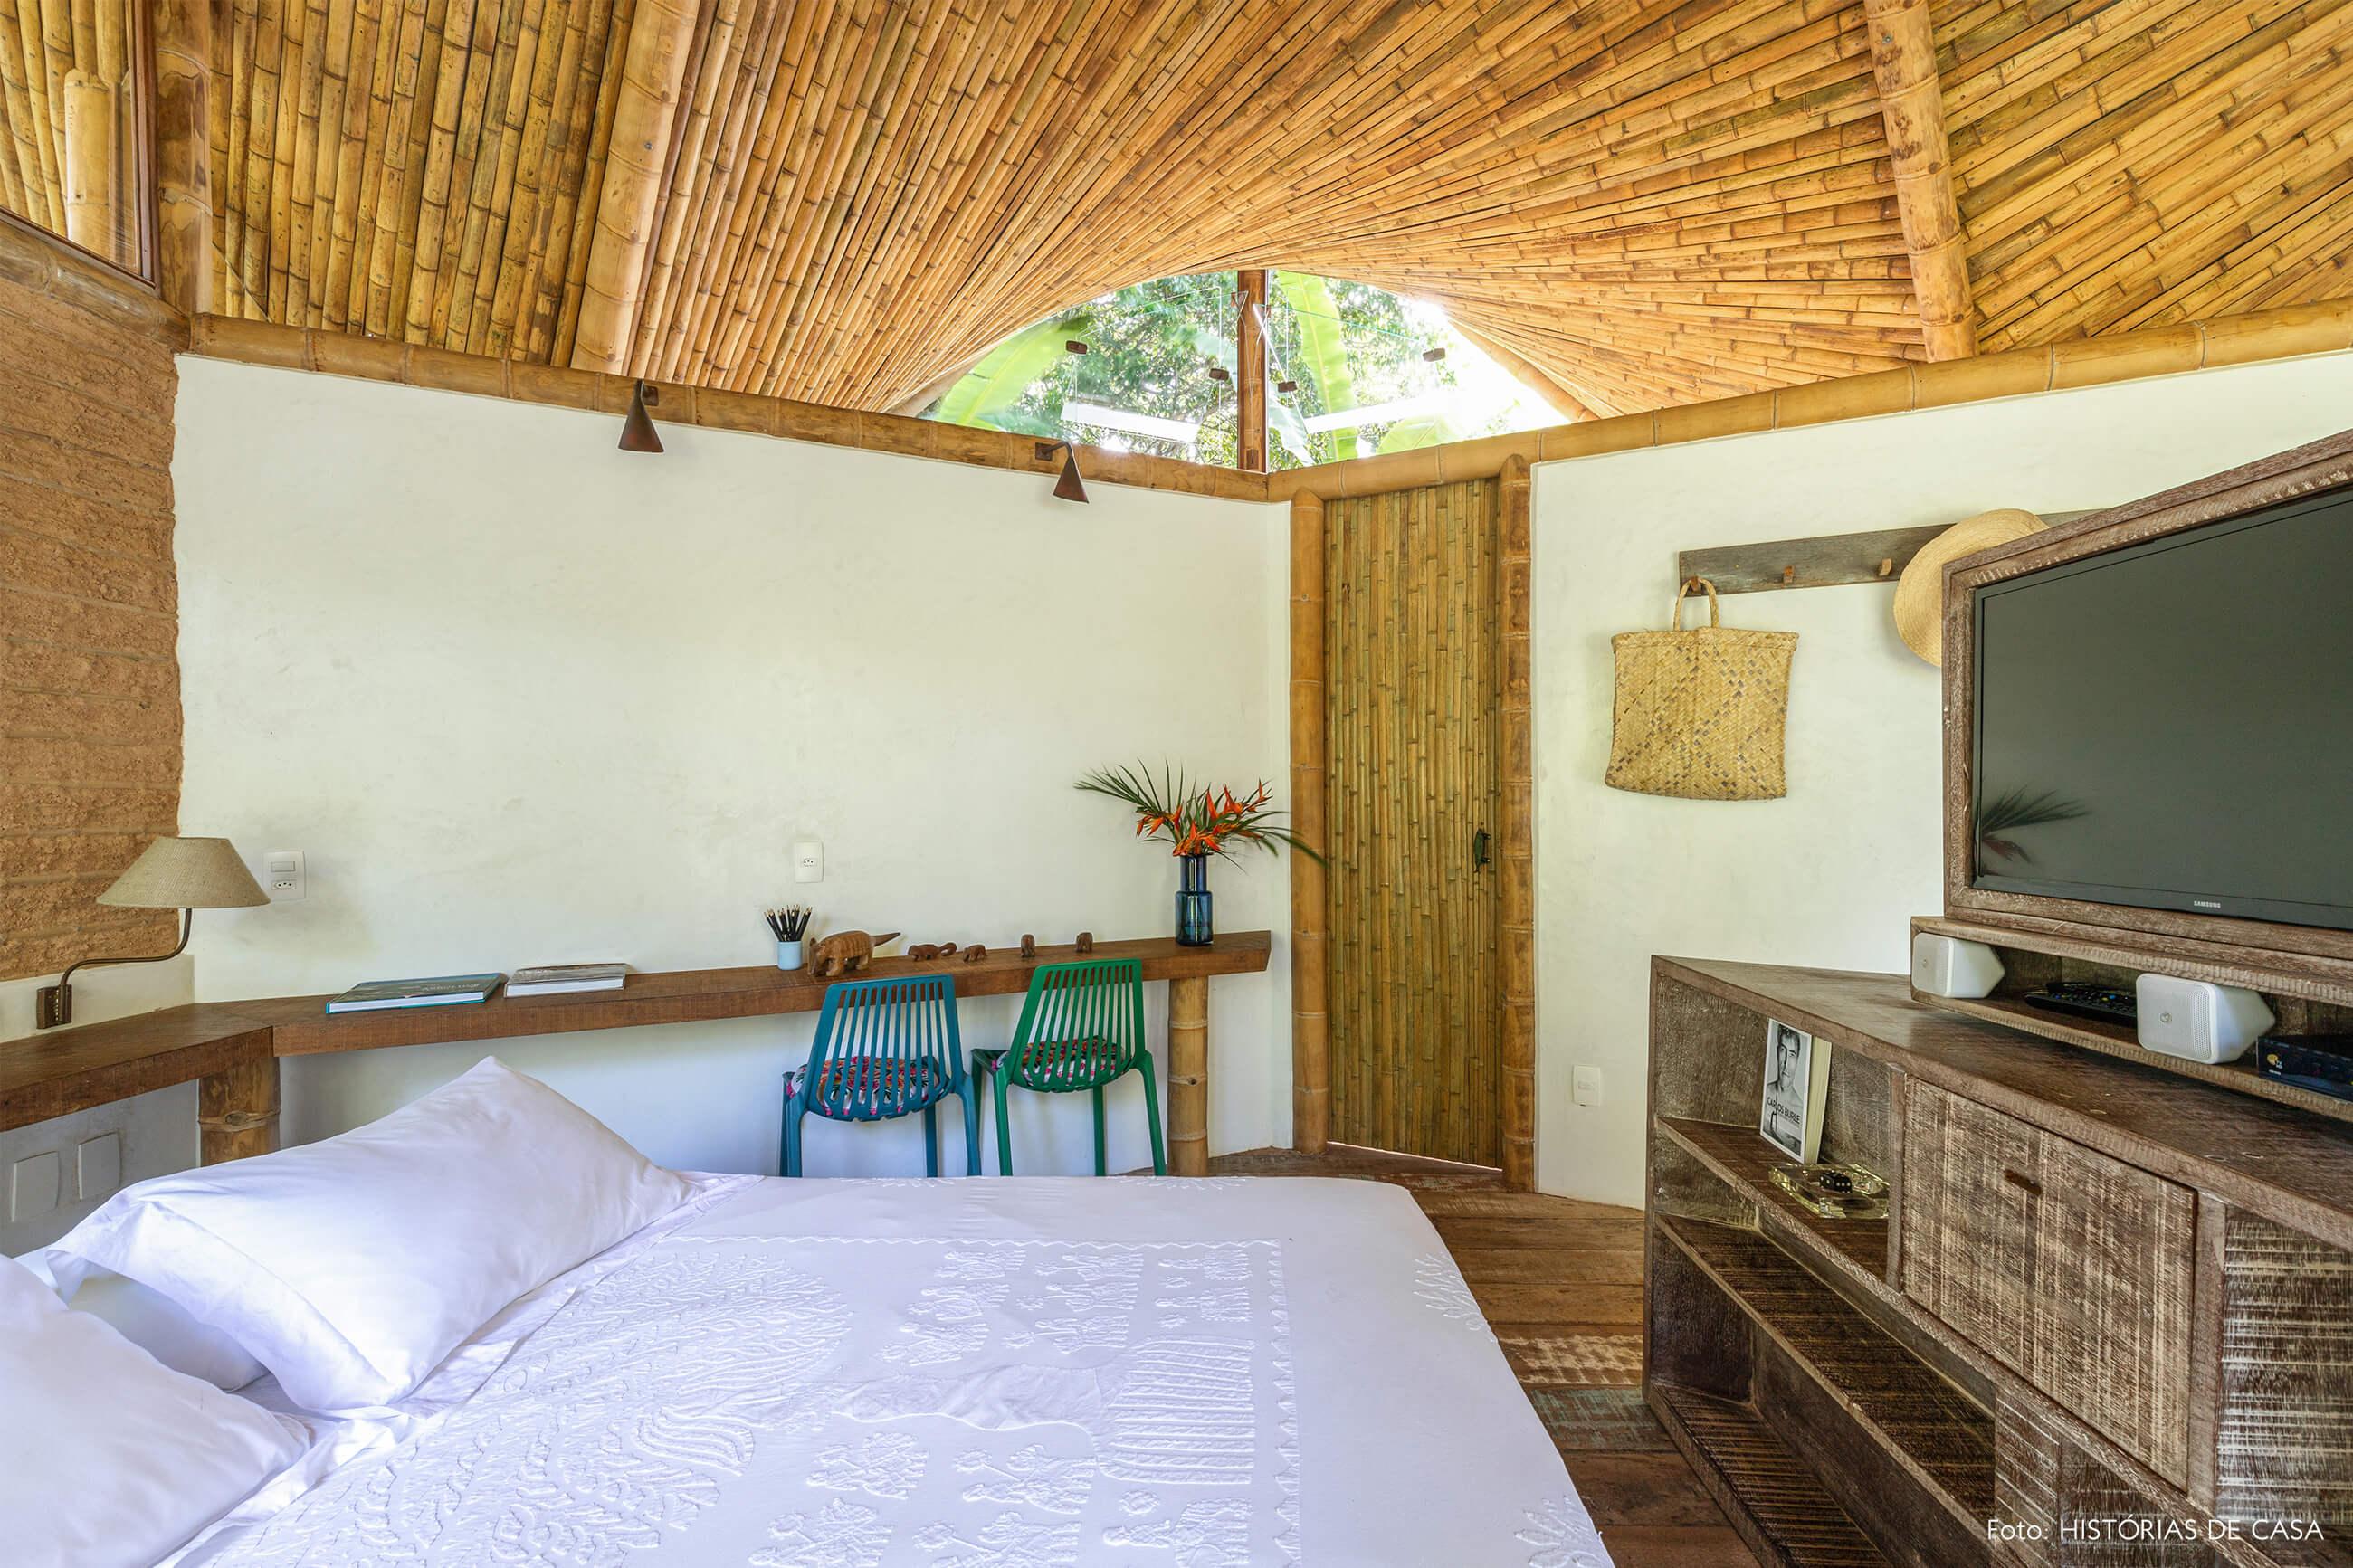 trancoso-vilasete-hotel-decoracao-62-quarto-cama-branca-mesa-rack-madeira-cadeira-azul-verde-bambu